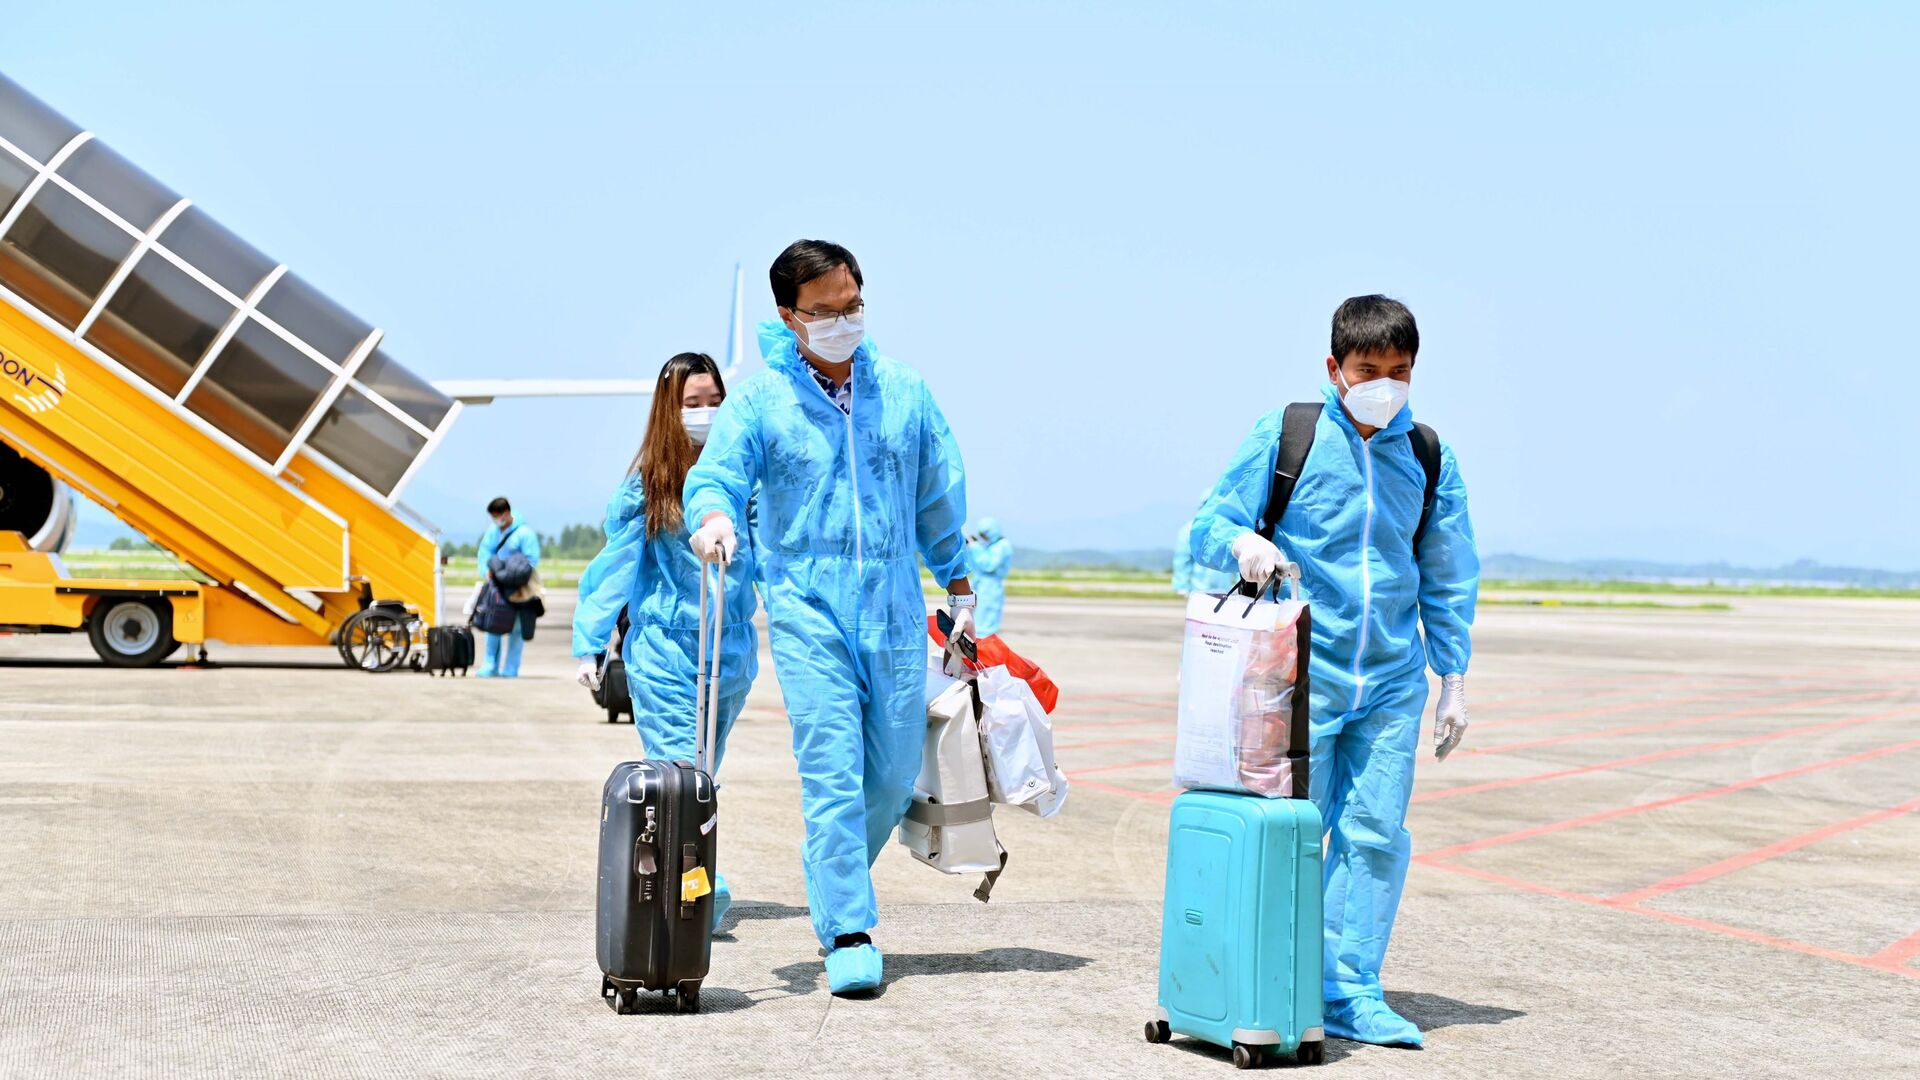 """Sân bay quốc tế Vân Đồn đón 345 khách có """"Hộ chiếu vaccine"""" về từ Mỹ - Sputnik Việt Nam, 1920, 13.09.2021"""